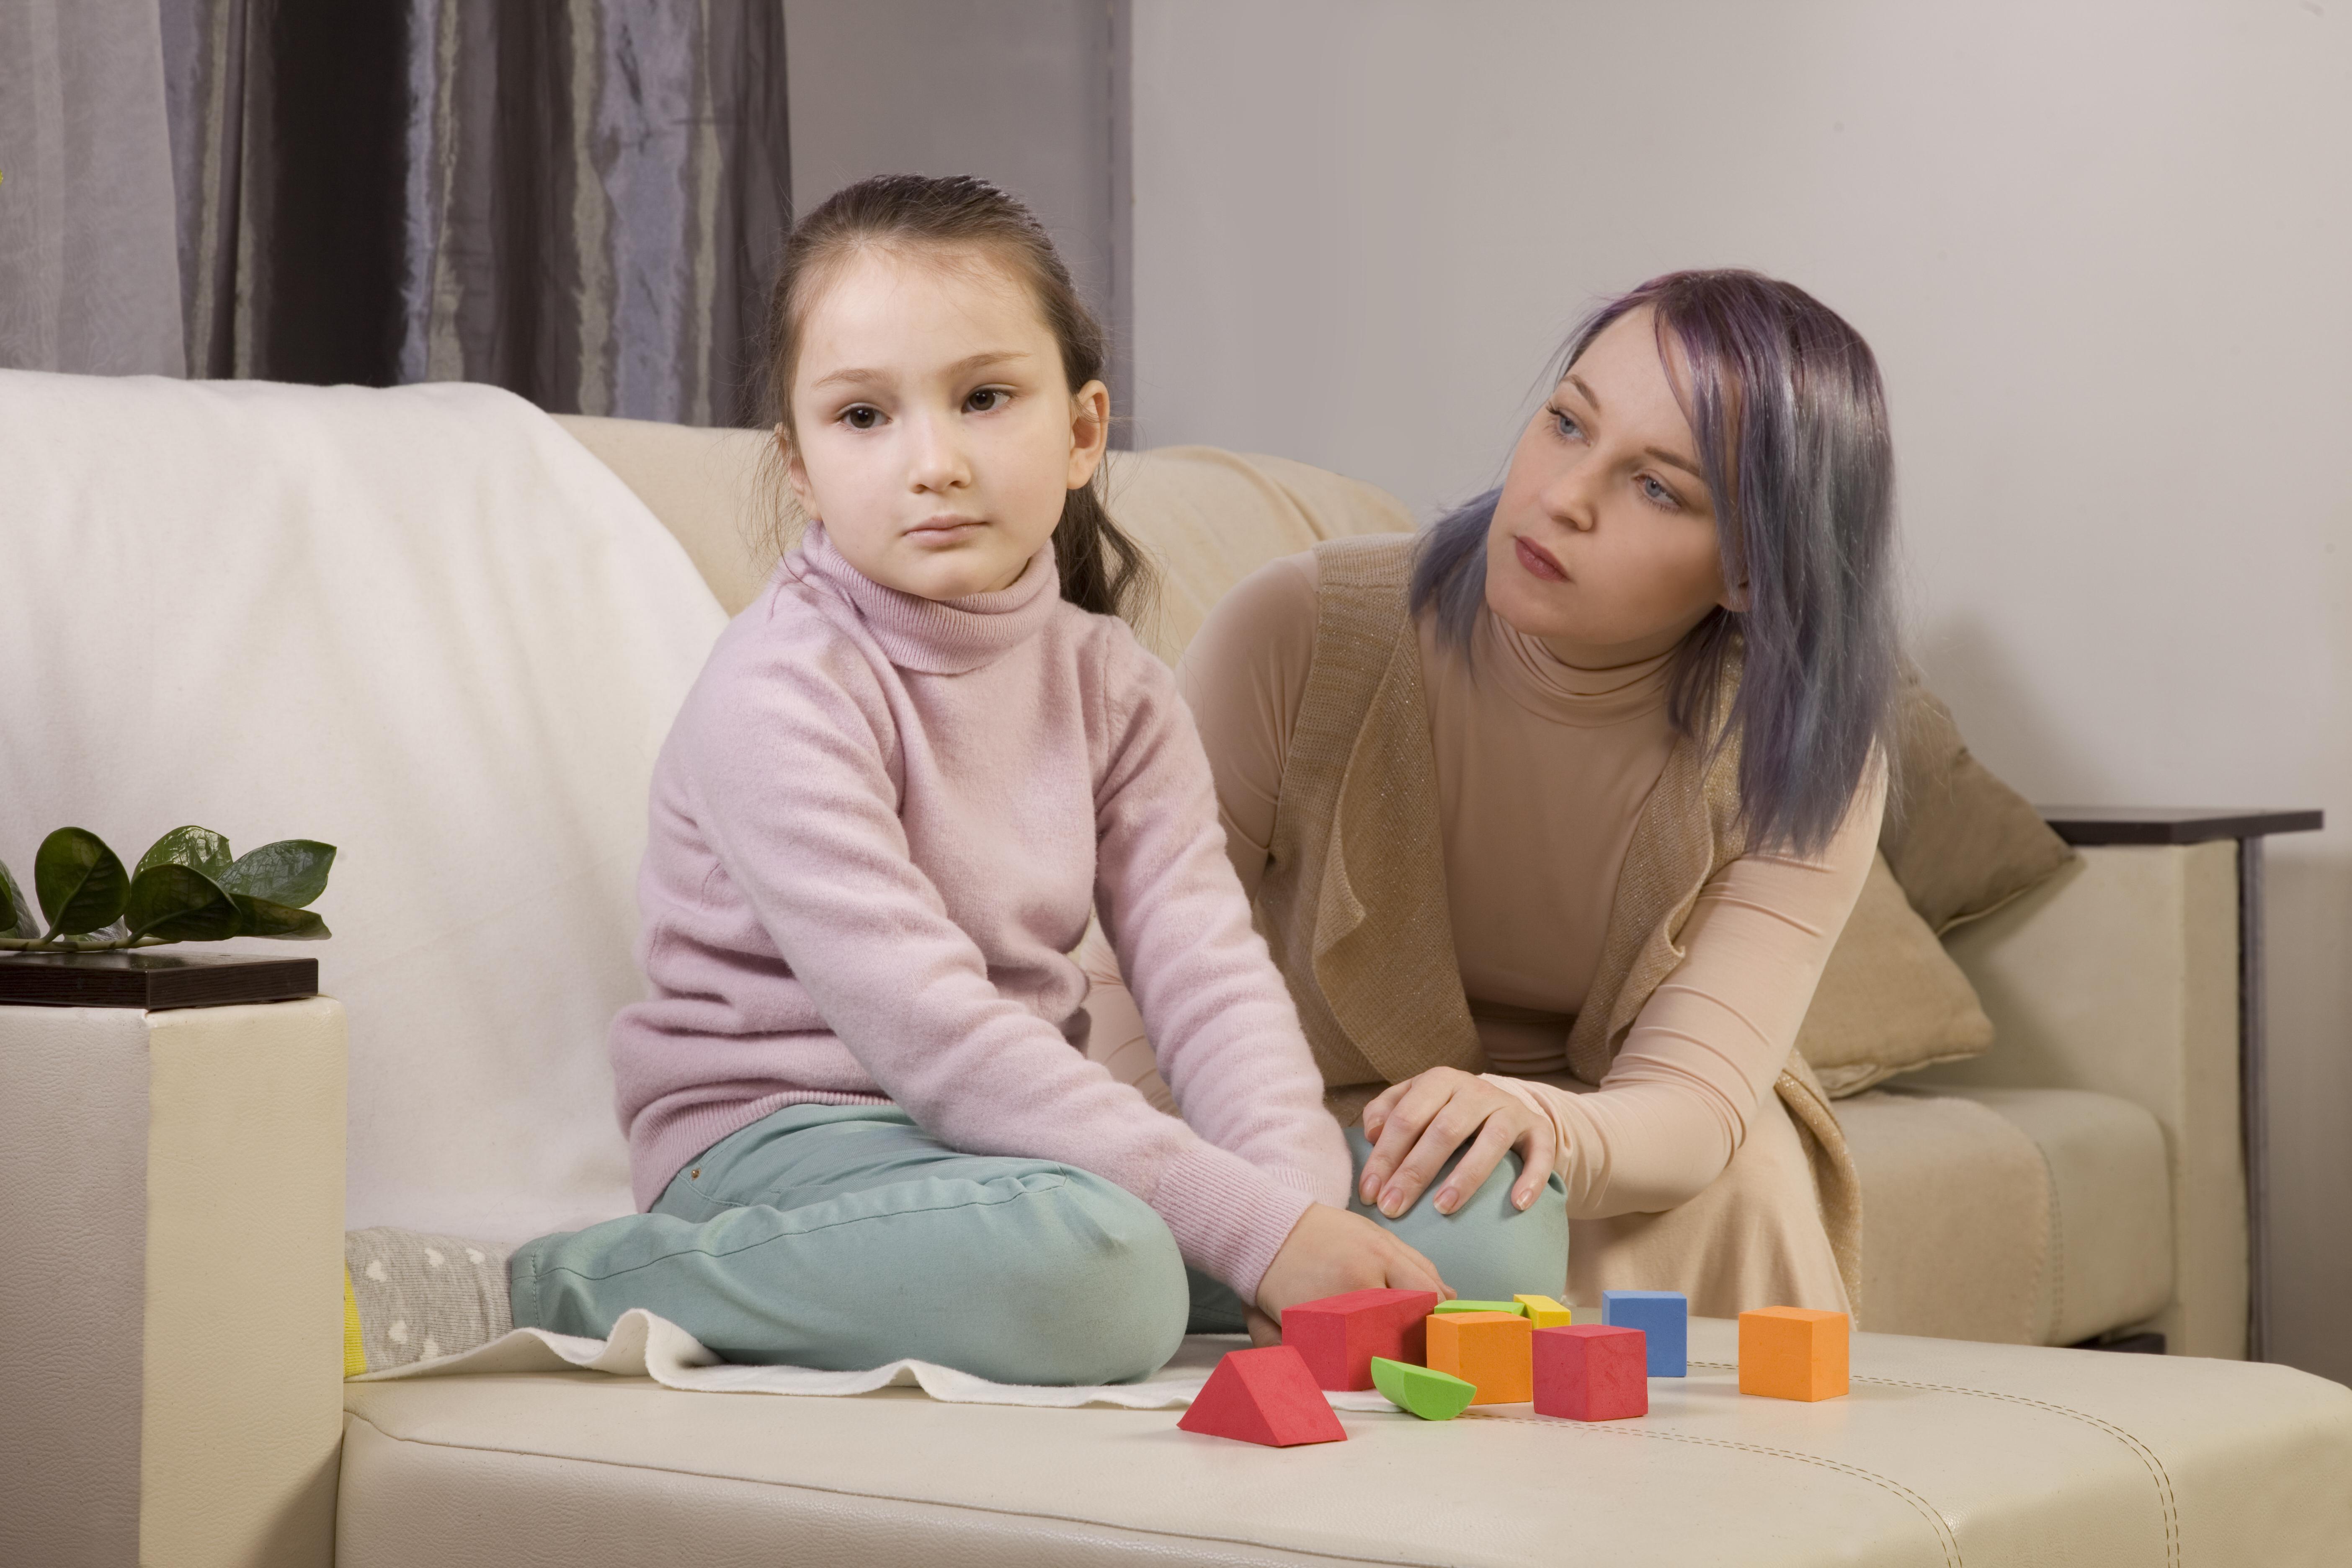 Η σημασία των κανόνων στην ψυχοκοινωνική ανάπτυξη του παιδιού